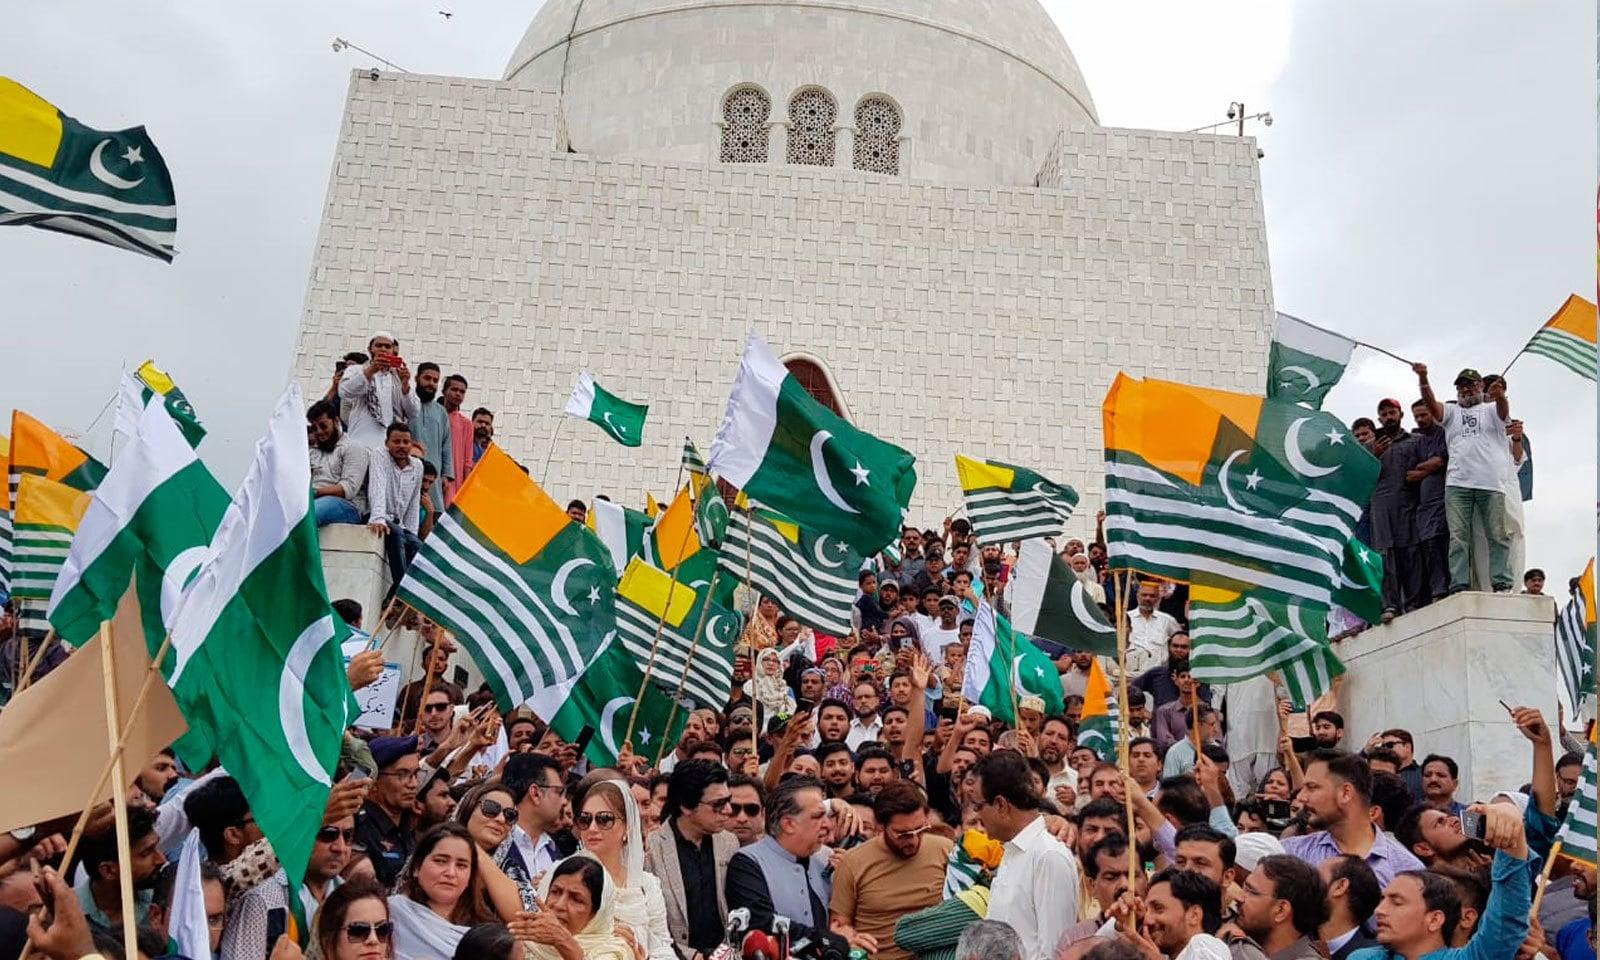 کراچی میں مزار قائد پر کشمیر آور کی مرکزی تقریب منعقد ہوئی — فوٹو: پی ٹی آئی ٹوئٹر